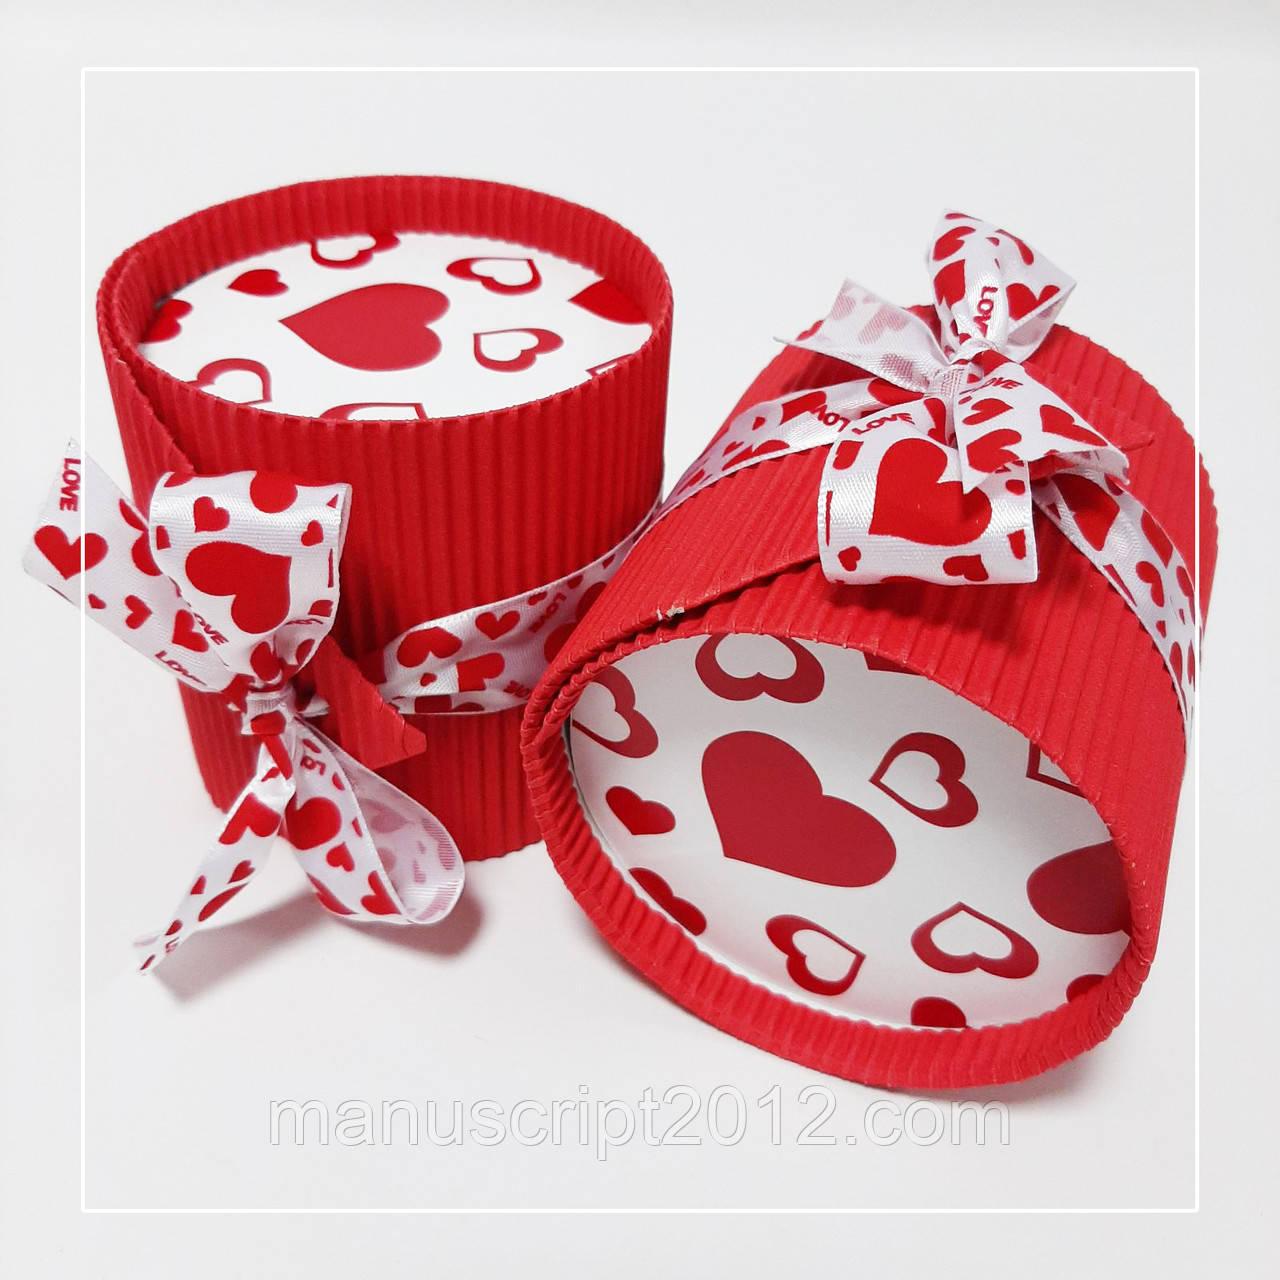 Коробка круглая красная тубус сердце